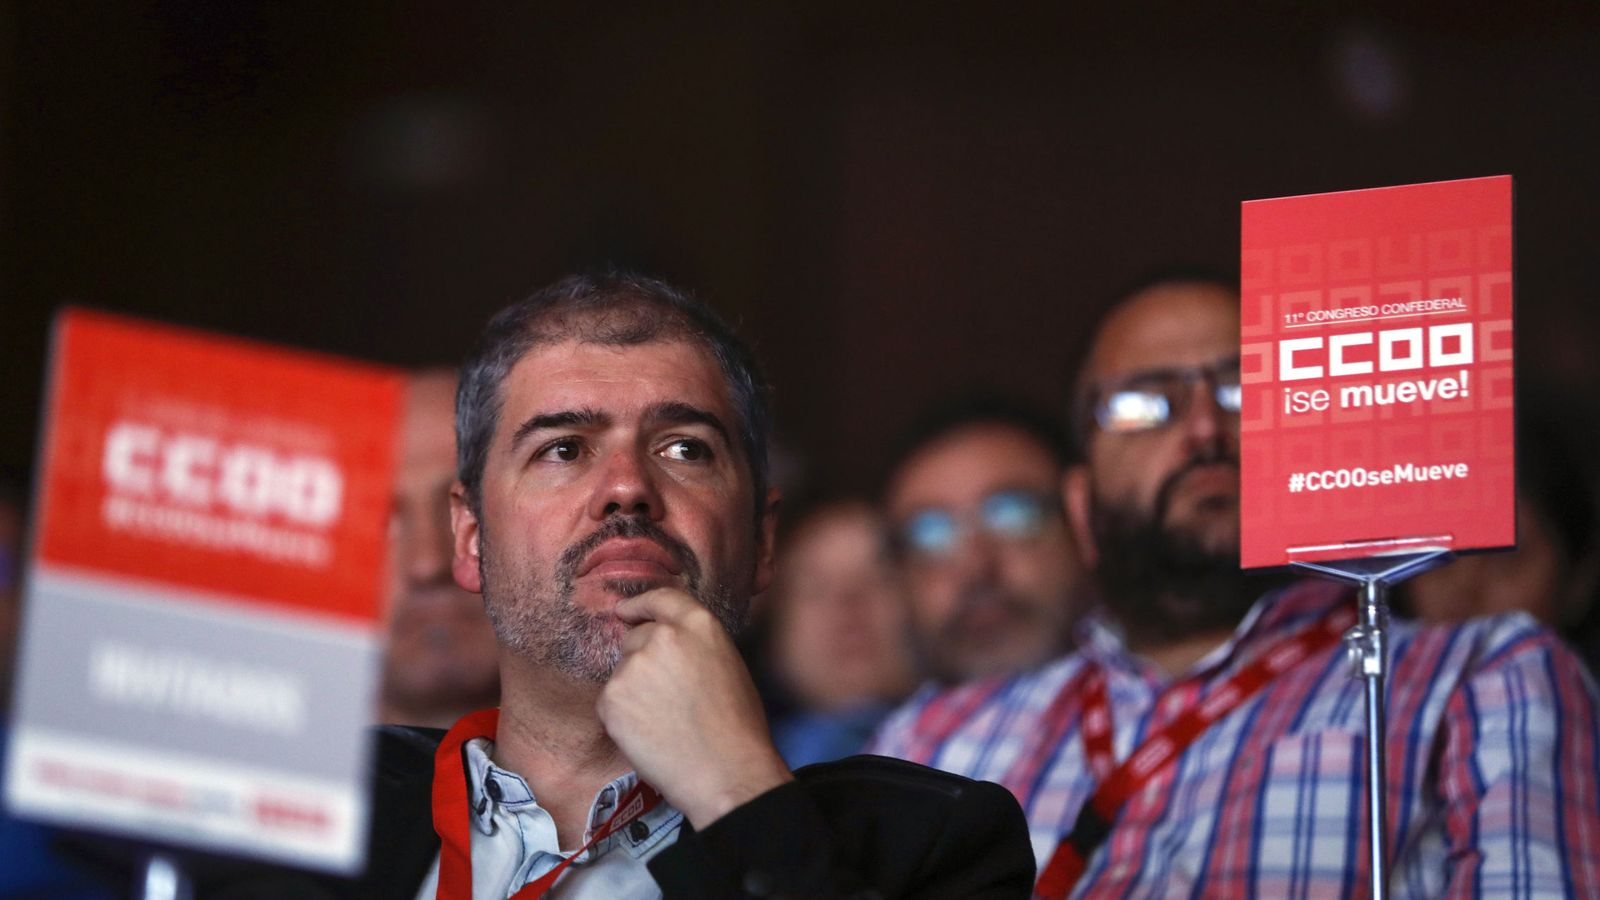 Foto: Unai Sordo, nuevo secretario general de CCOO, en el XI Congreso del sindicato (Efe)